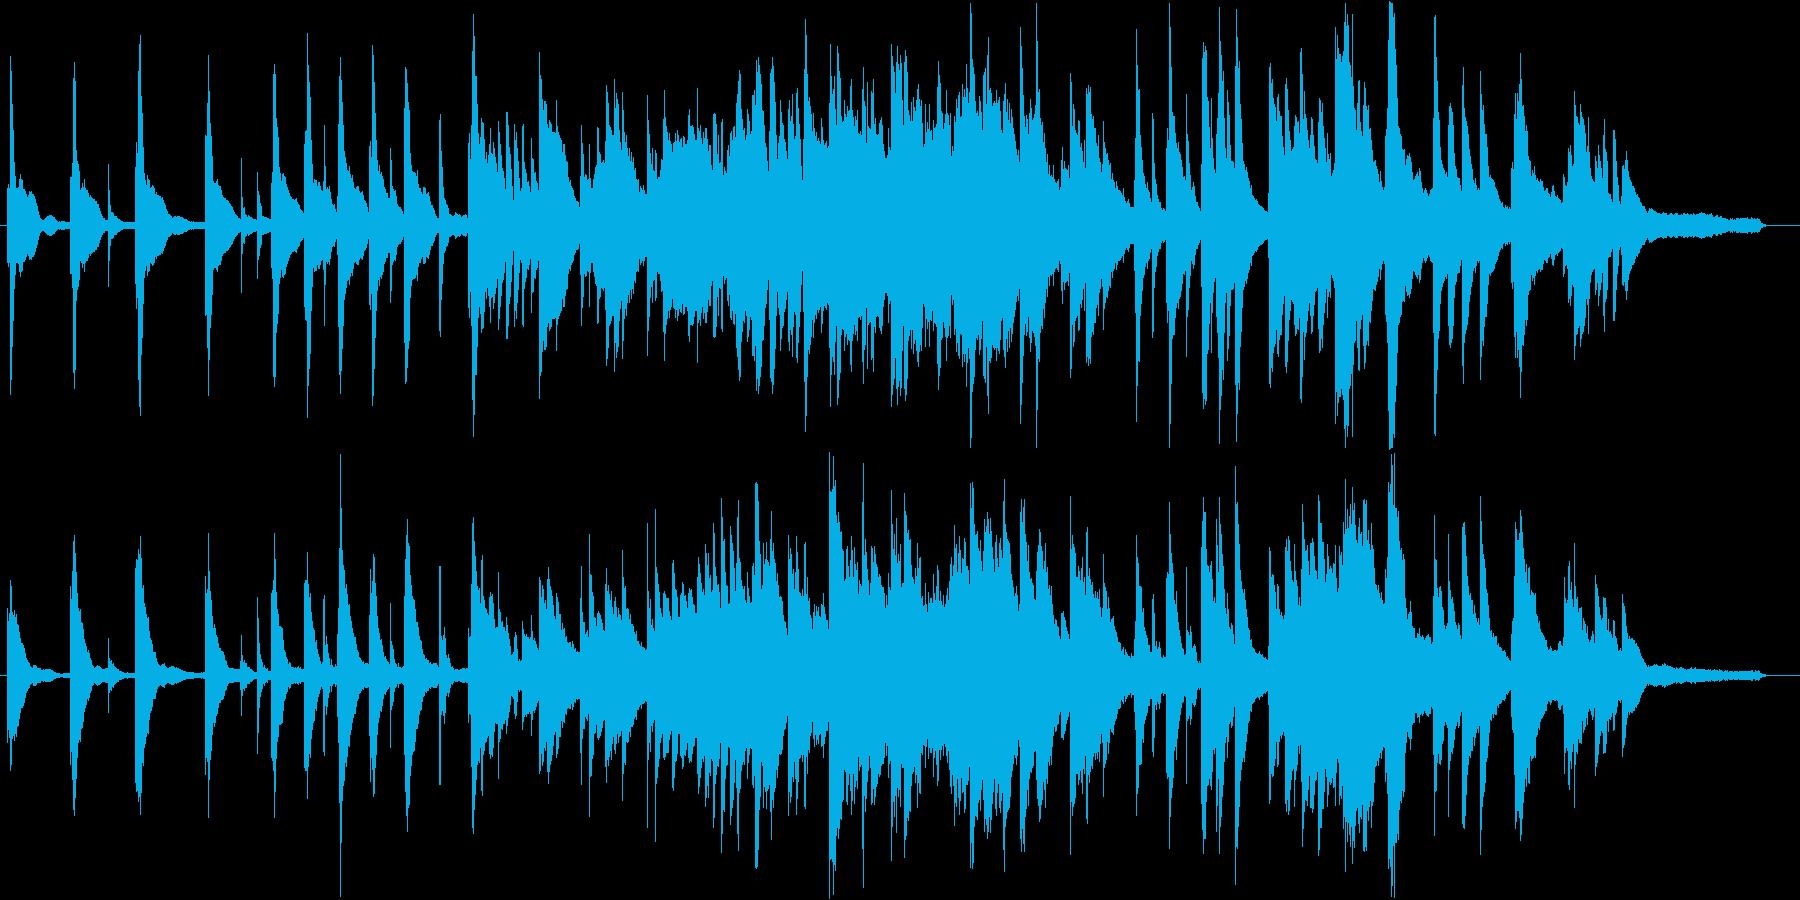 残響のような美しい高音が特徴のピアノ曲の再生済みの波形